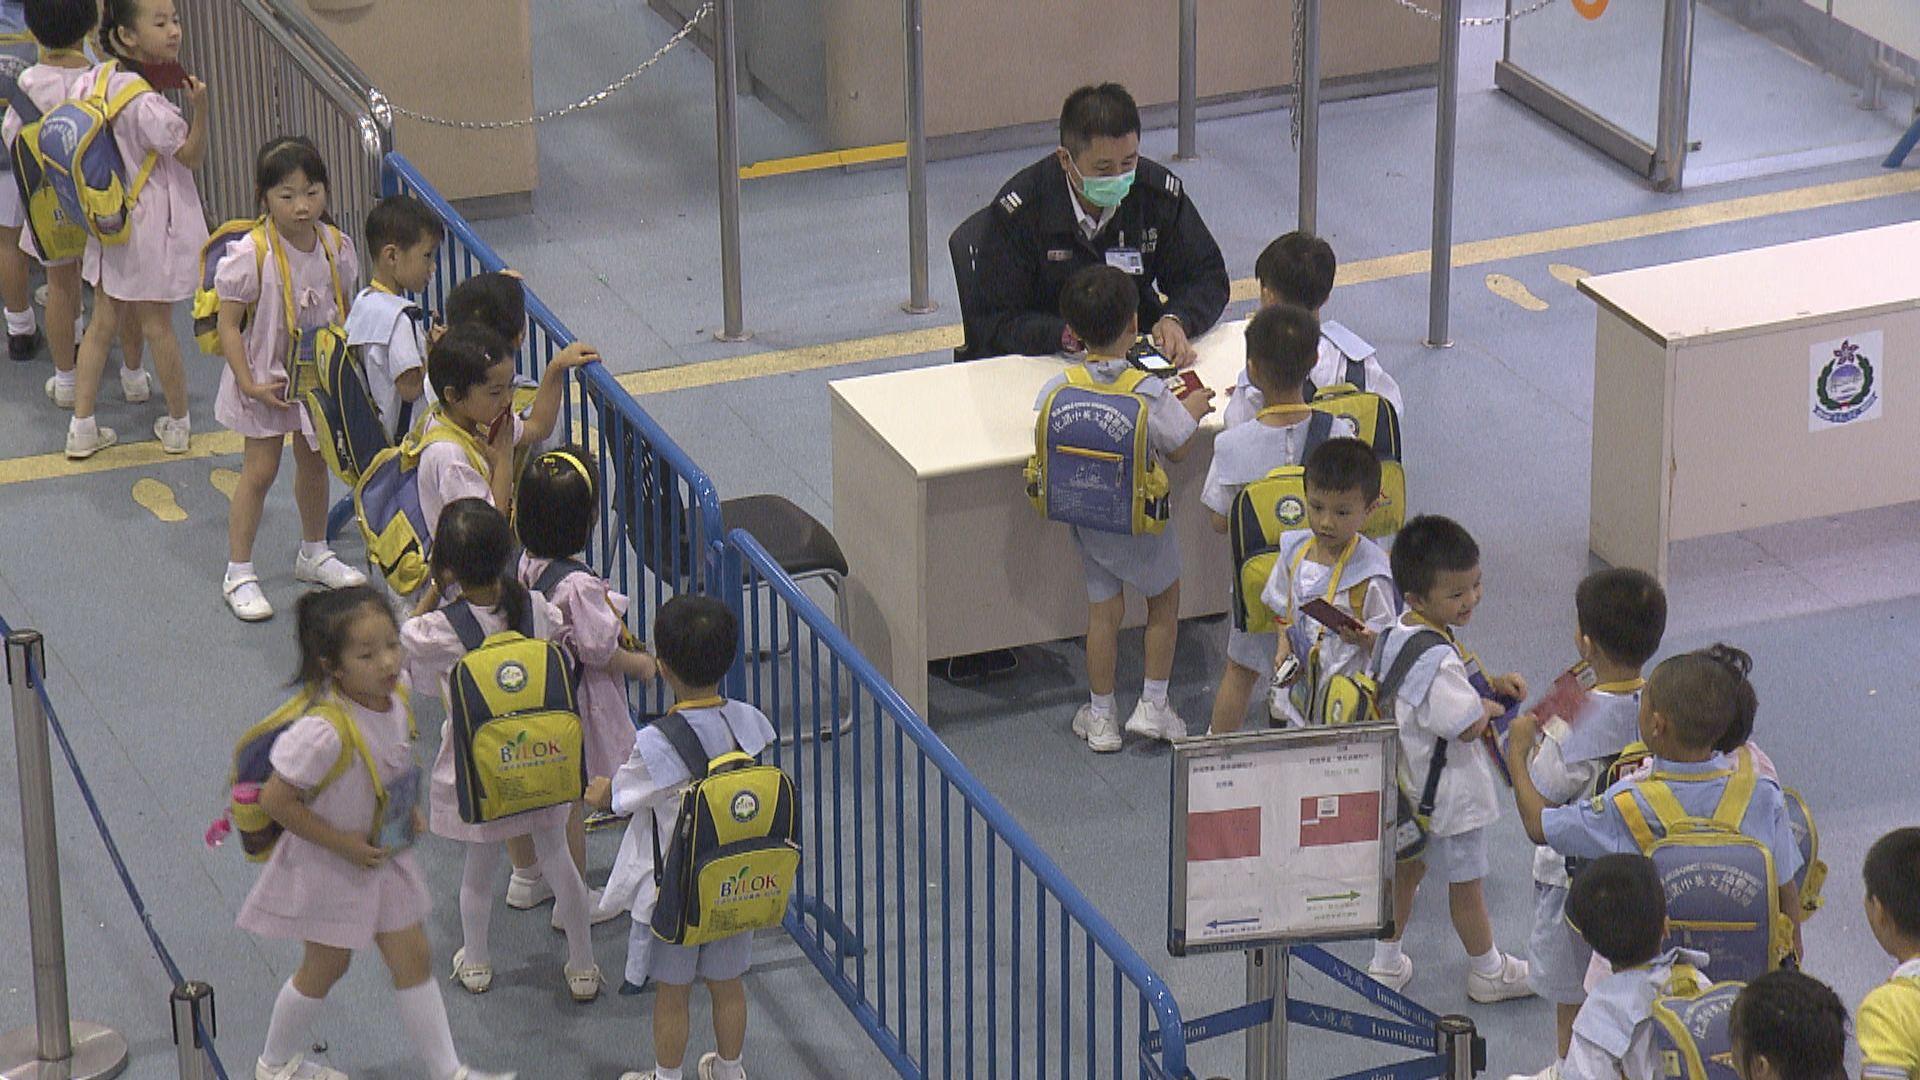 家長指內地亦應同步豁免跨境學童強制檢疫